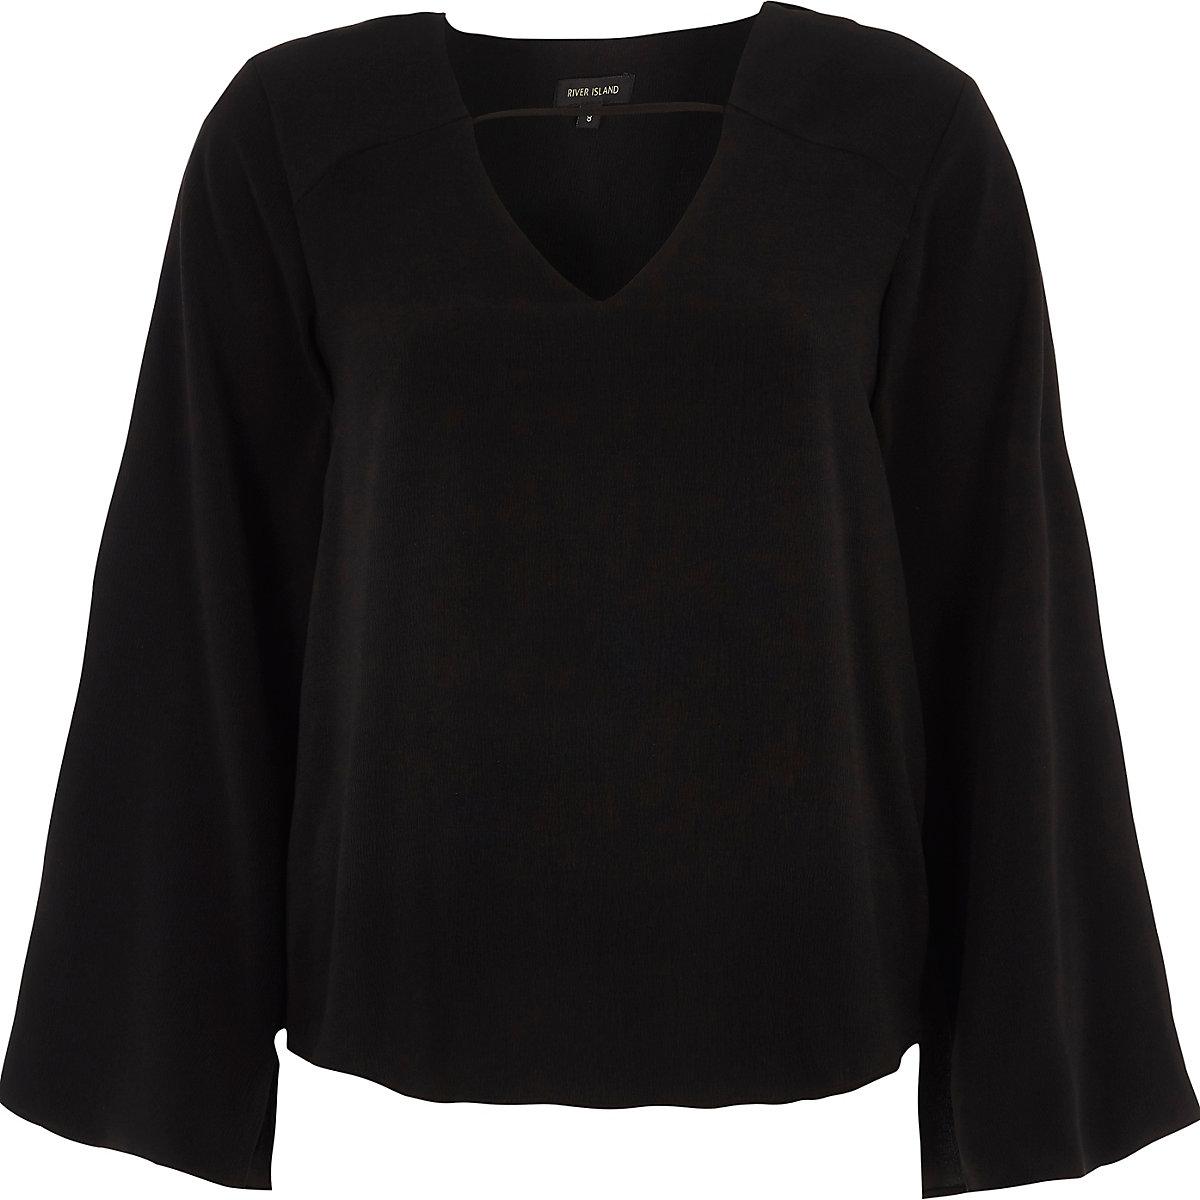 Zwarte top met lange mouwen en gedraaide achterzijde